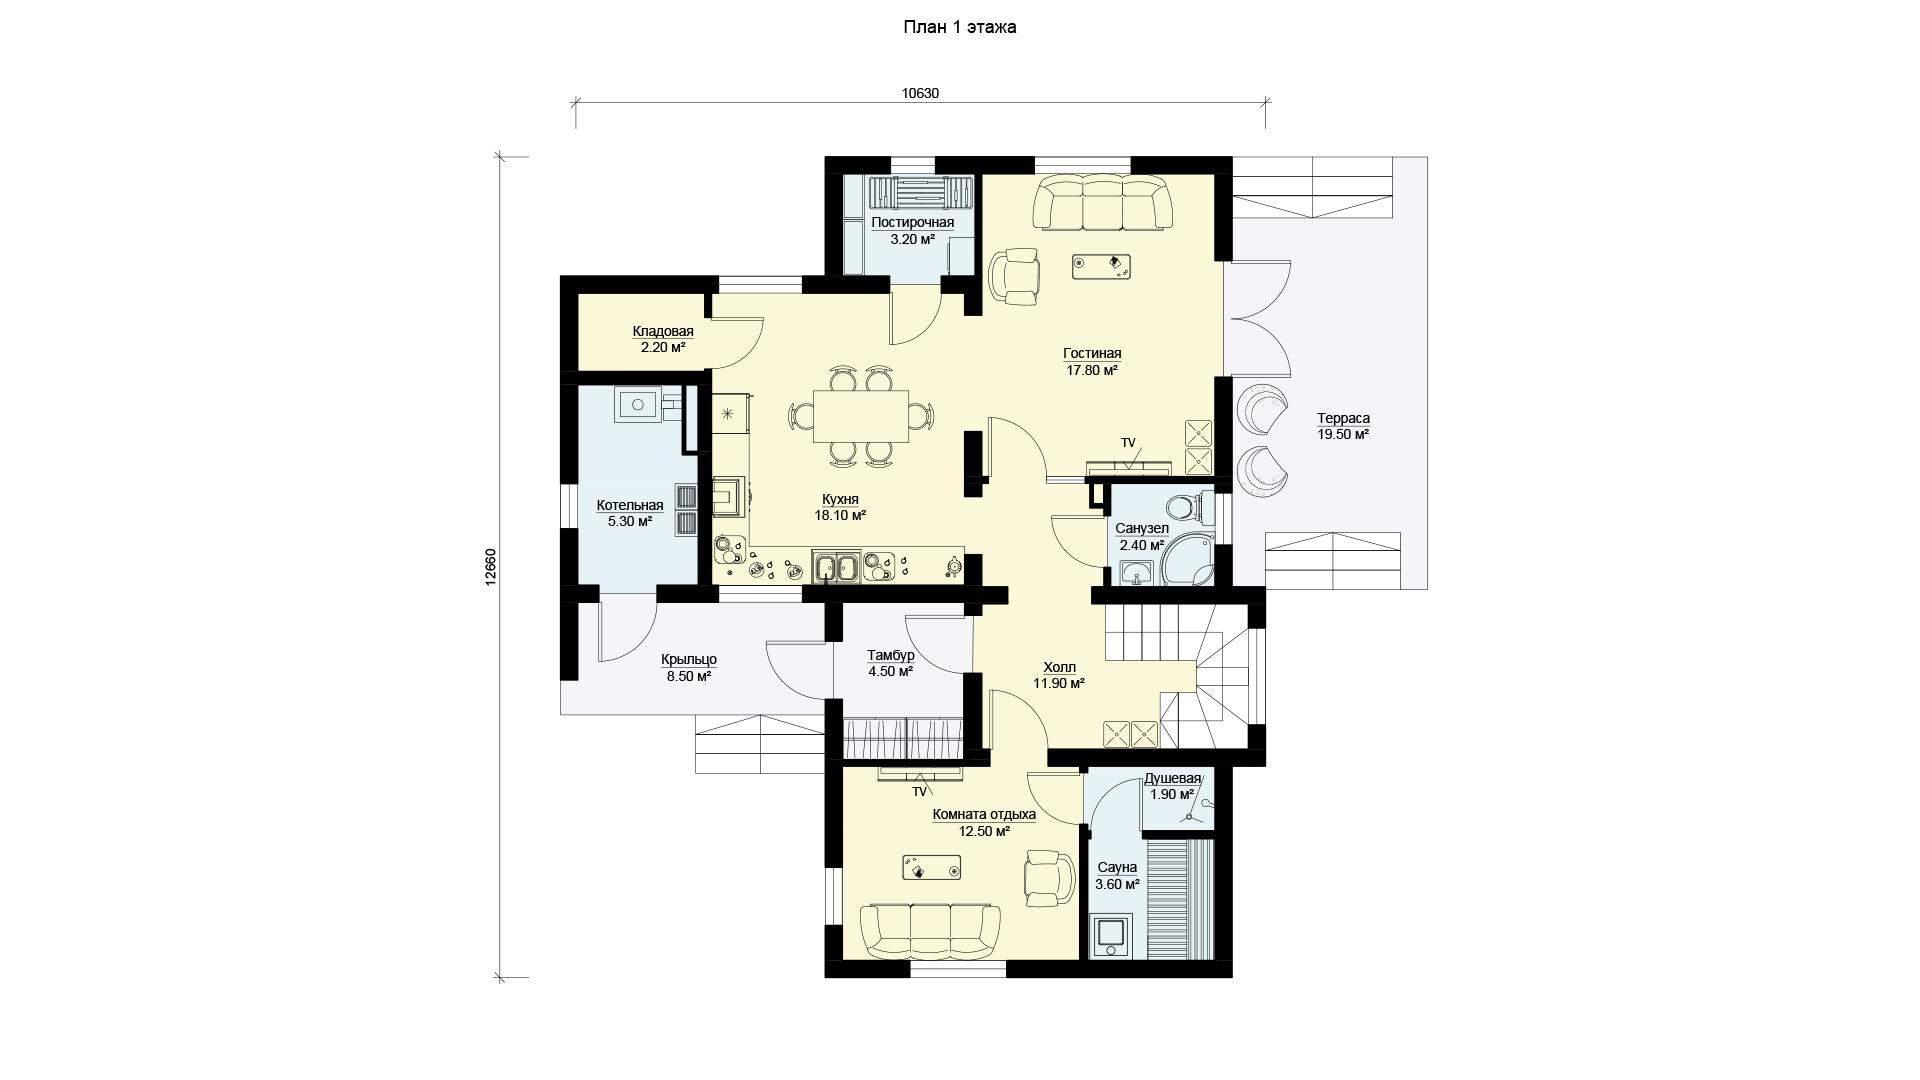 План первого этажа двухэтажного дома с террасой и балконом, проект БЭНПАН МС-238.